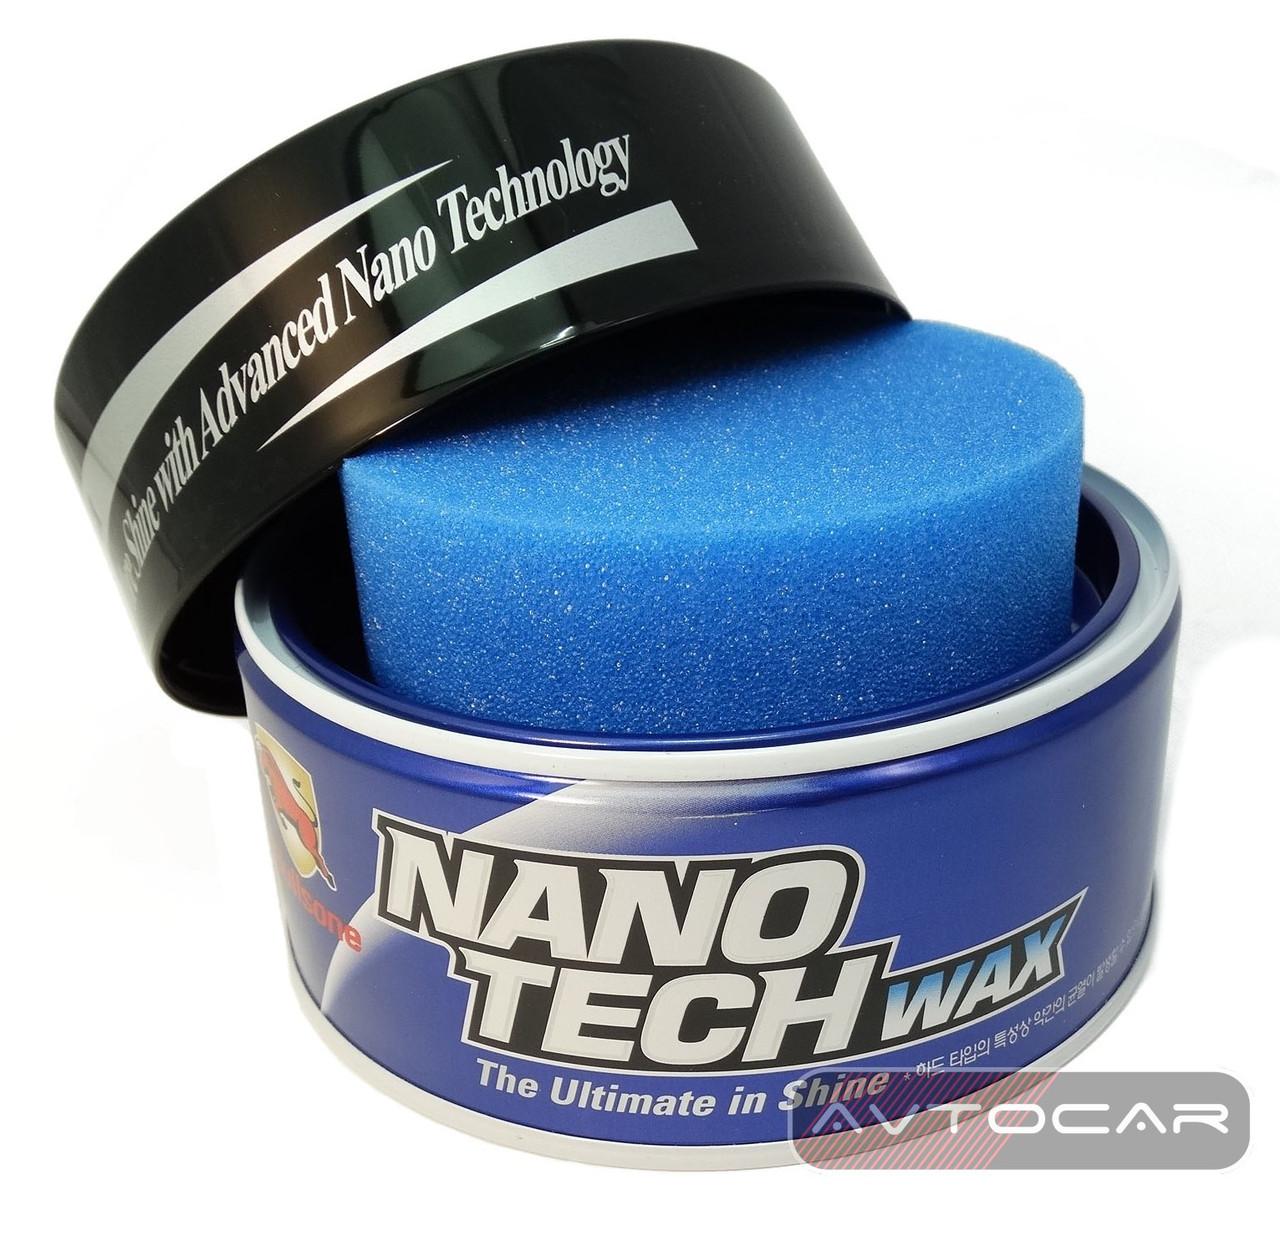 Твердый воск Bullsone Nano Tech Wax для чёрных цветов 300 гр